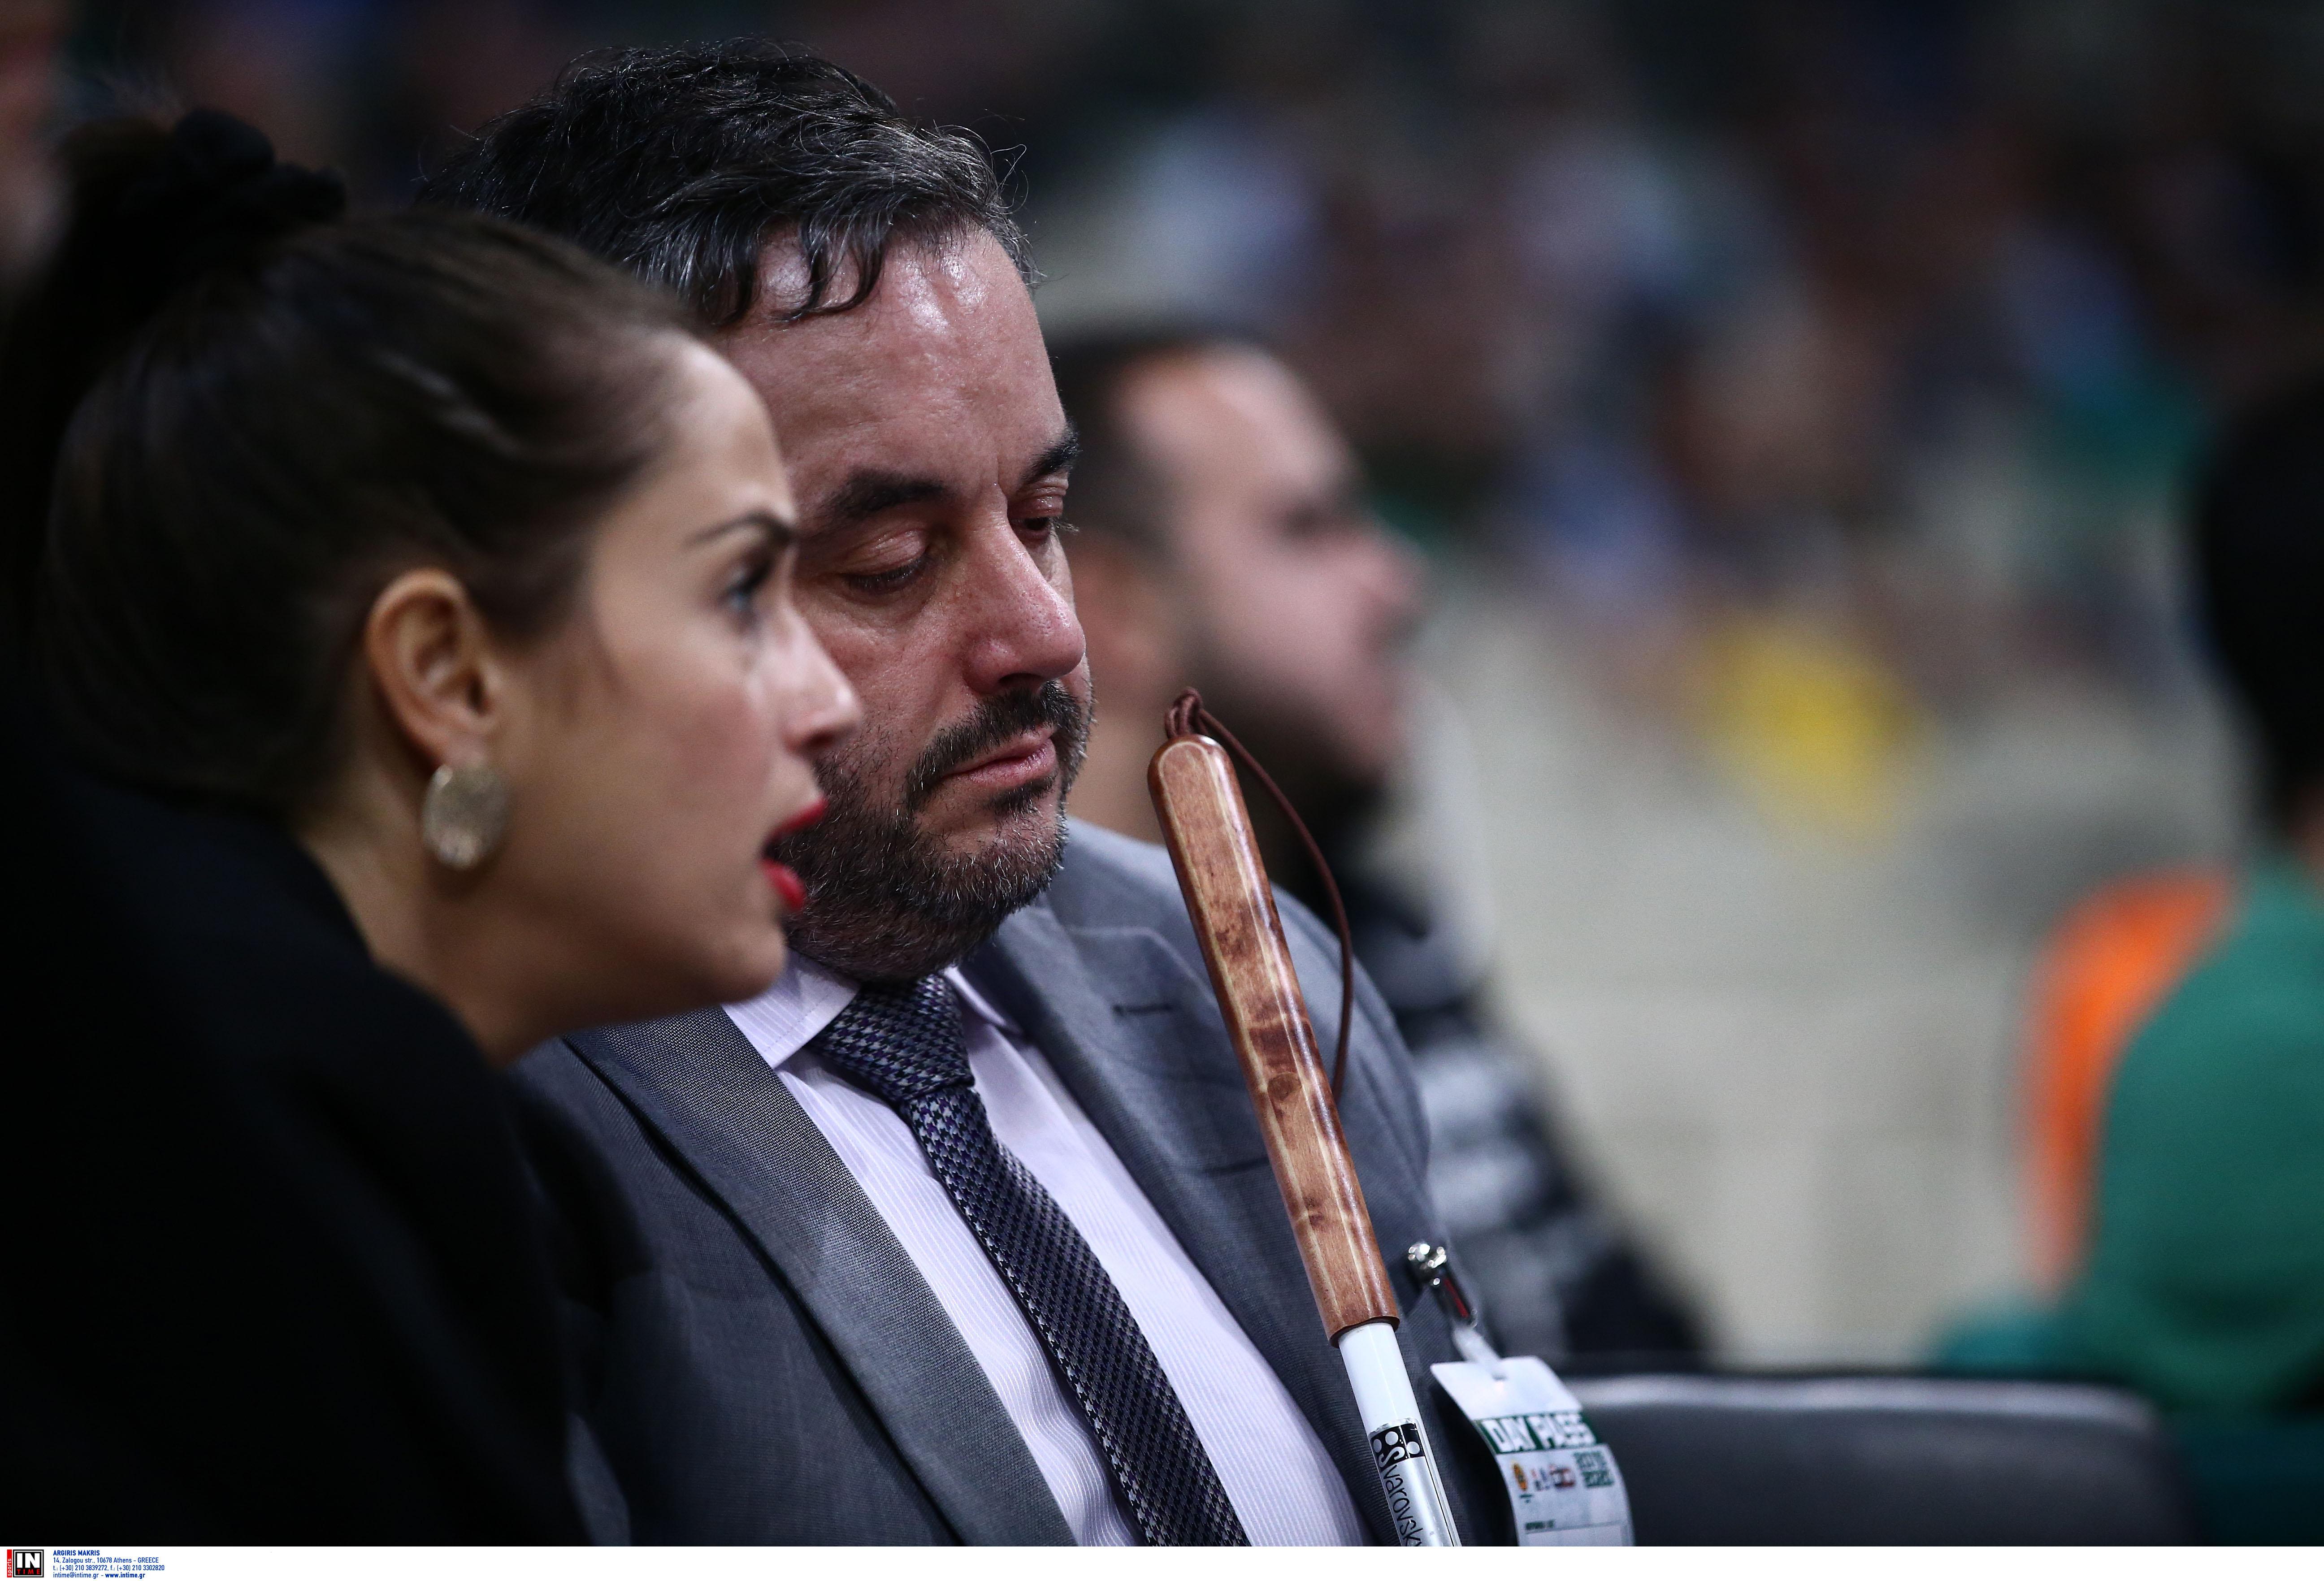 Παναθηναϊκός – Αναντολού Εφές: Η Euroleague εστίασε στην κορυφαία στιγμή του αγώνα! video